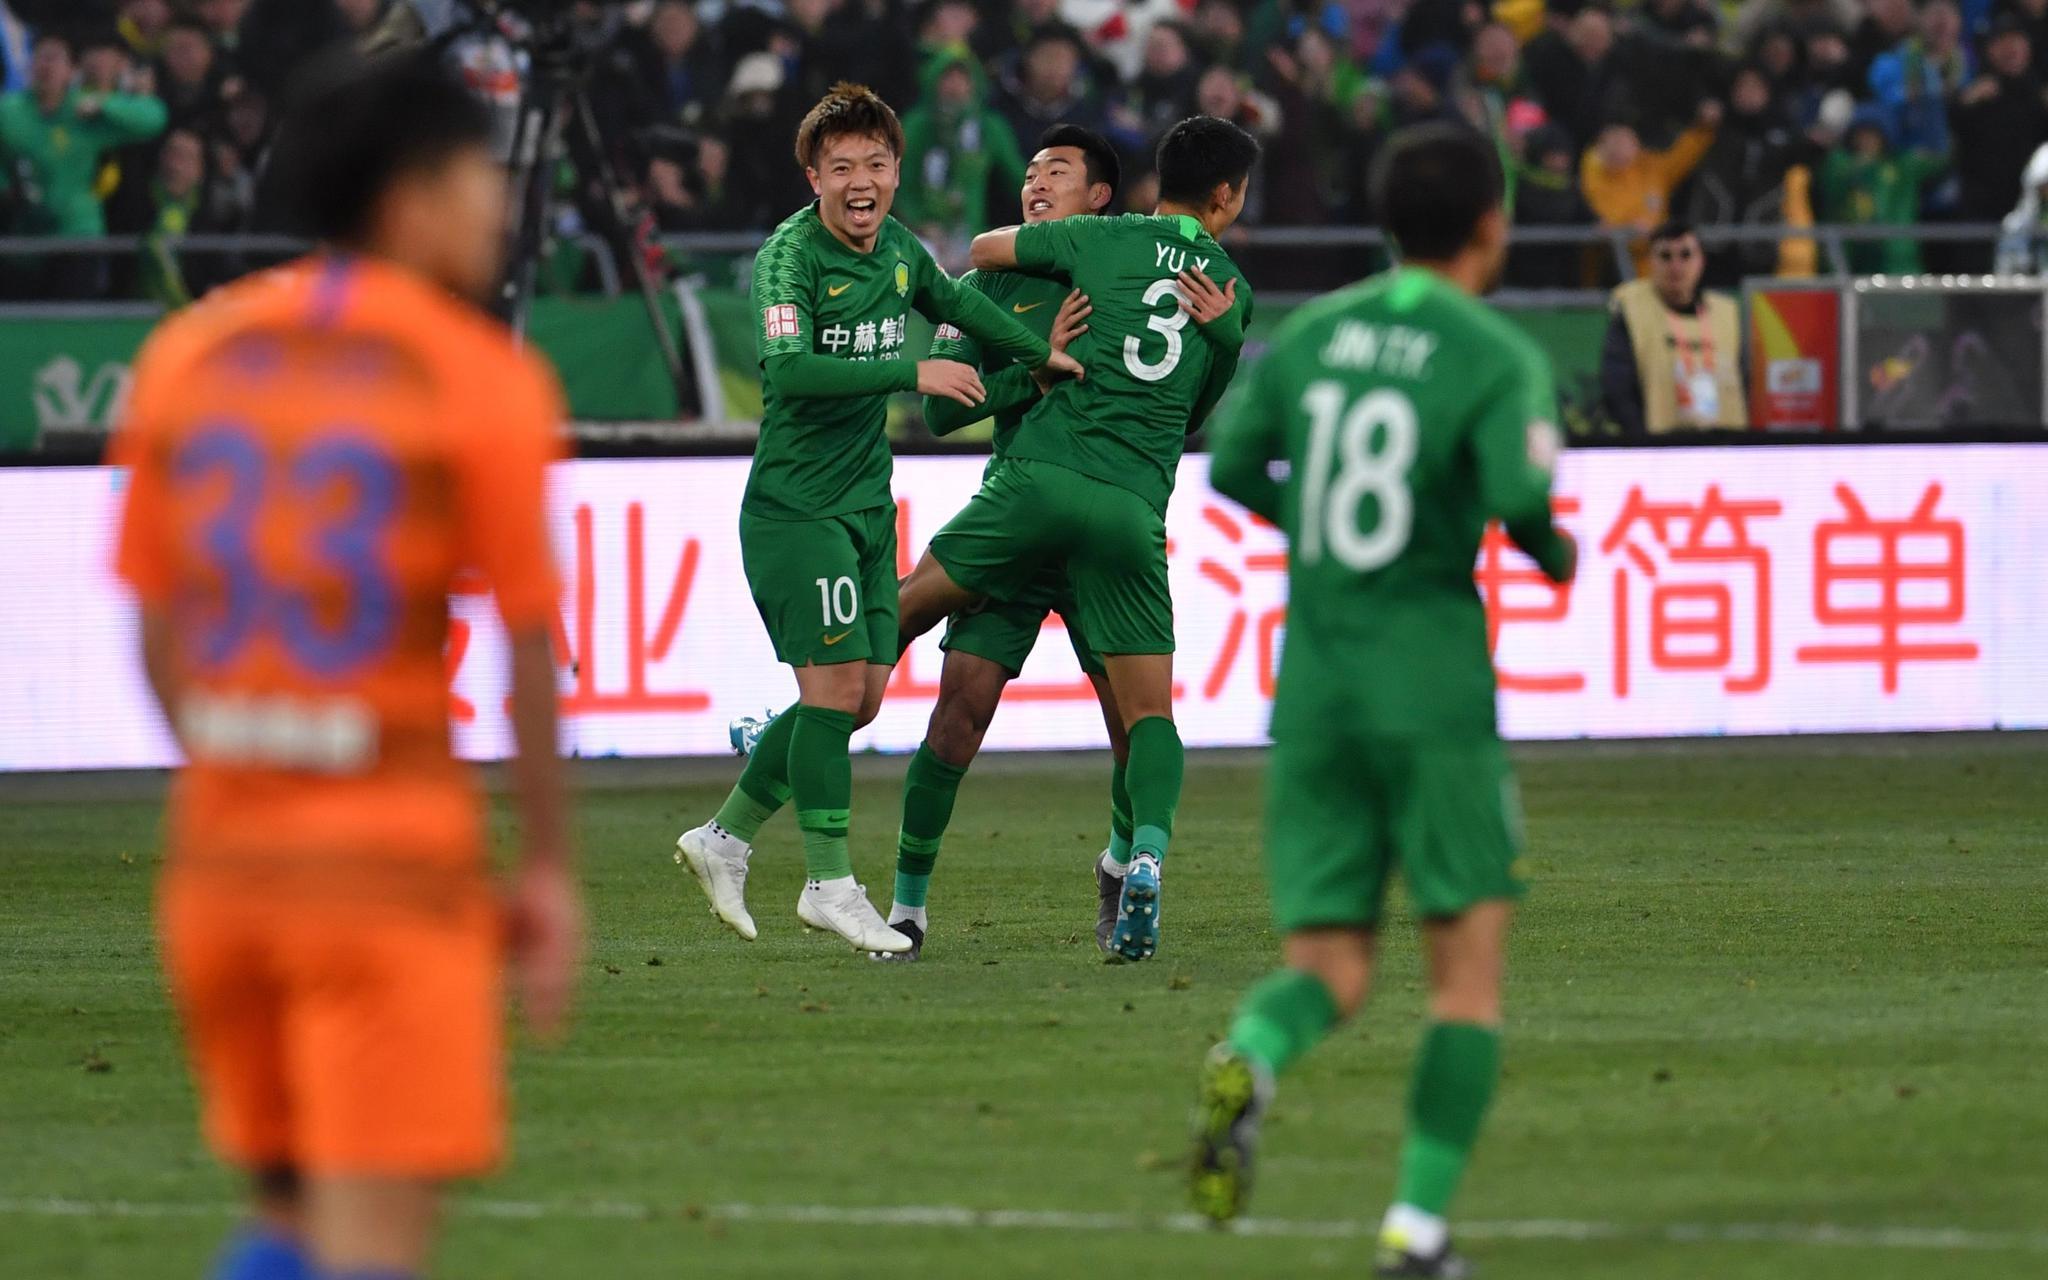 当下集训中的球员处于事情状况。新京报记者吴江 摄